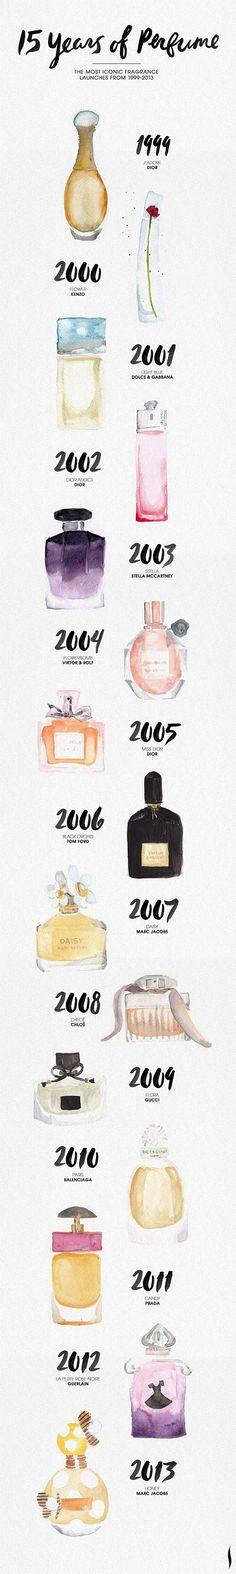 15 anos de perfume | perfumes mais icônicos de 1999 até 2013 | Sephora